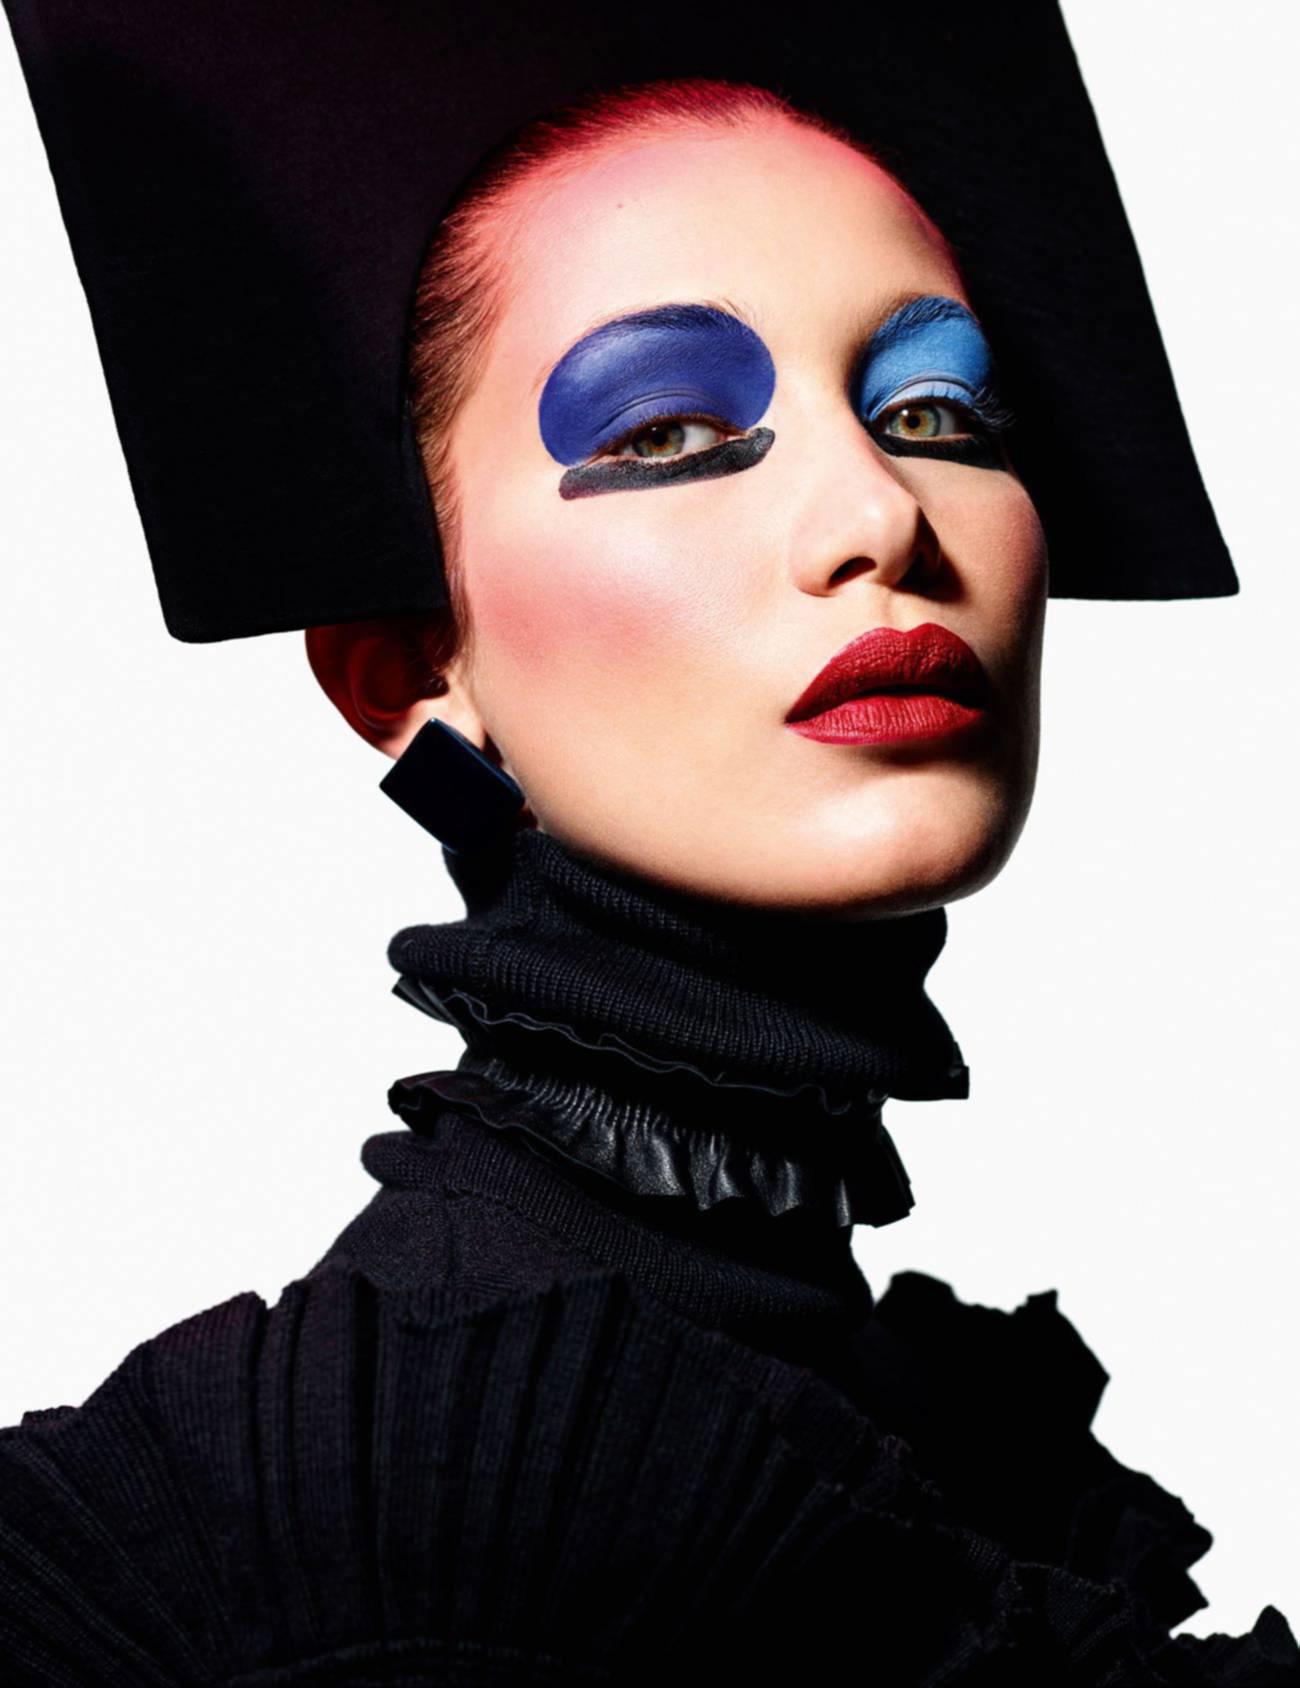 Vogue_Paris-August_2016-03-Bella_Hadid-by-Mario_Sorrenti-2